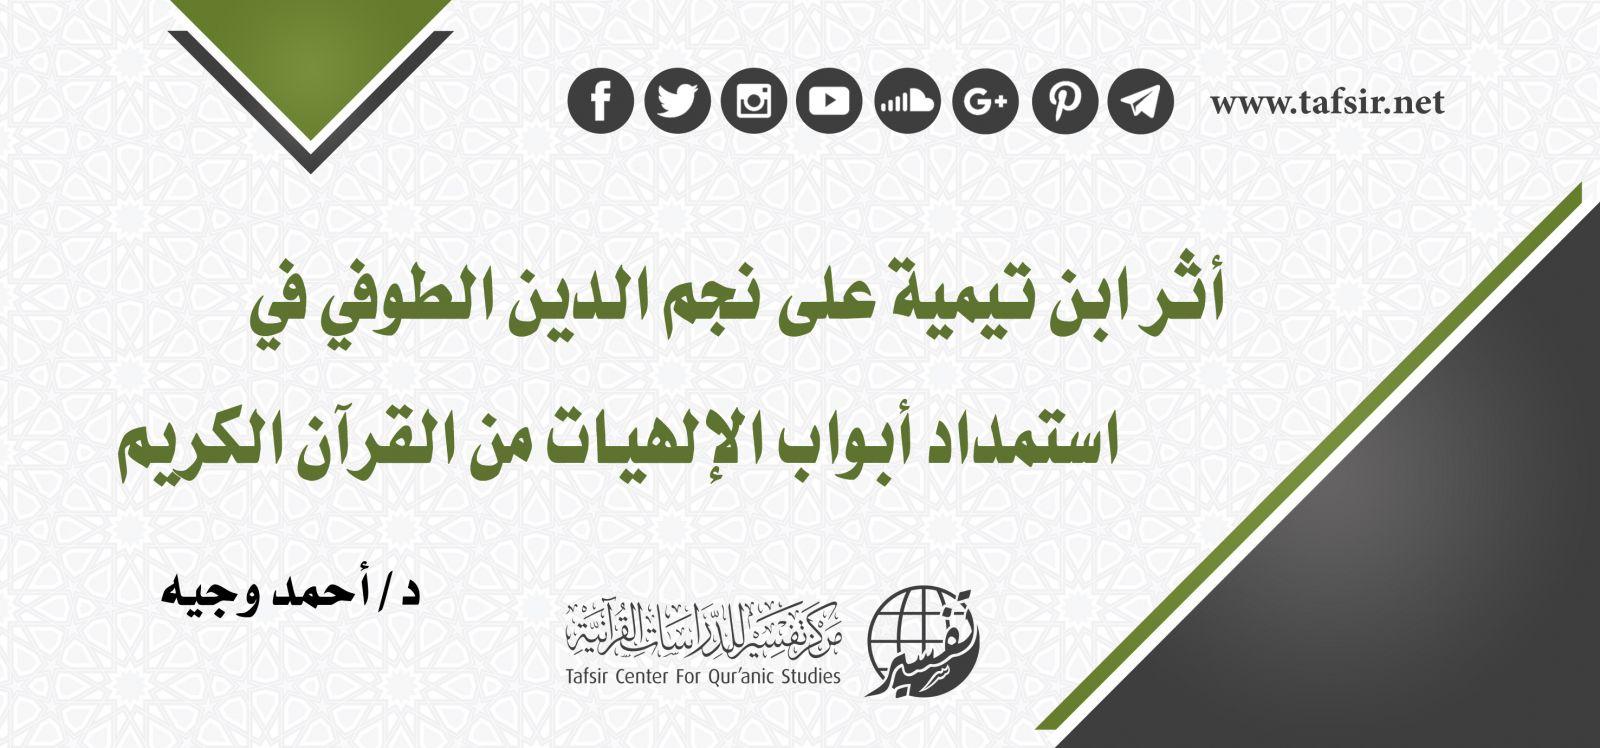 أثر ابن تيمية على نجم الدين الطوفي في استمداد أبواب الإلهيات من القرآن الكريم